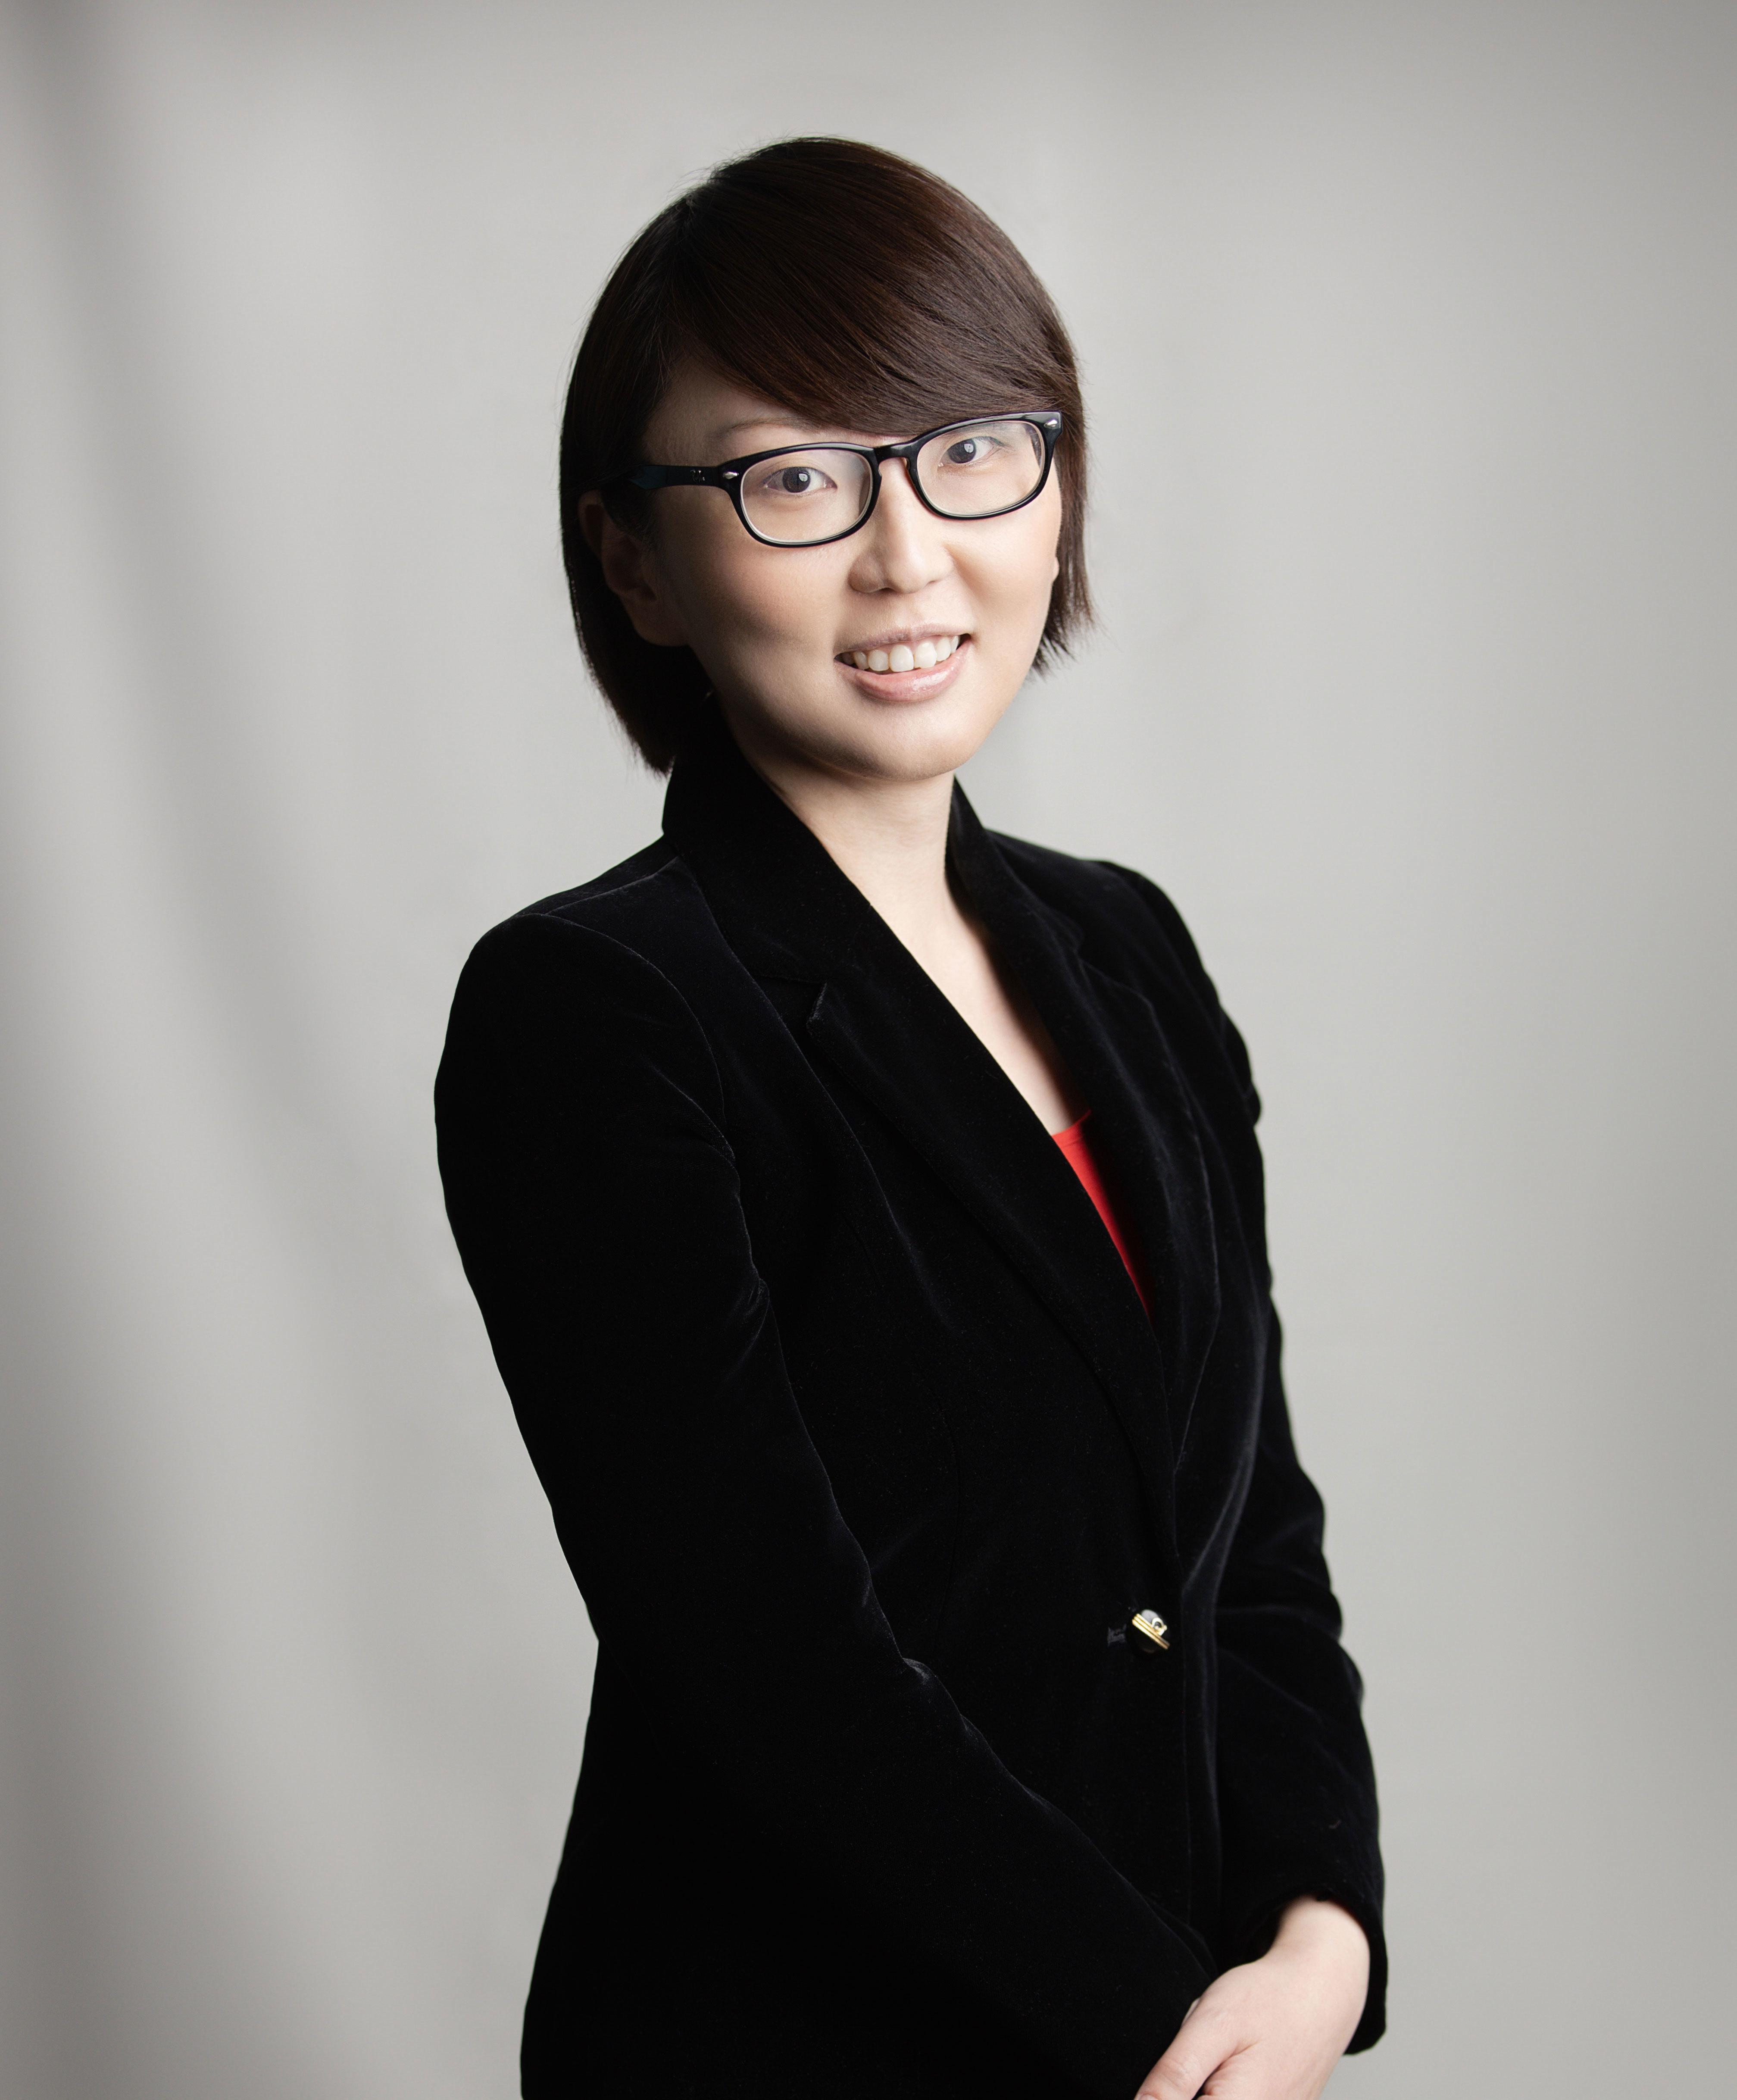 林昕璇 Hsin-Hsuan Lin